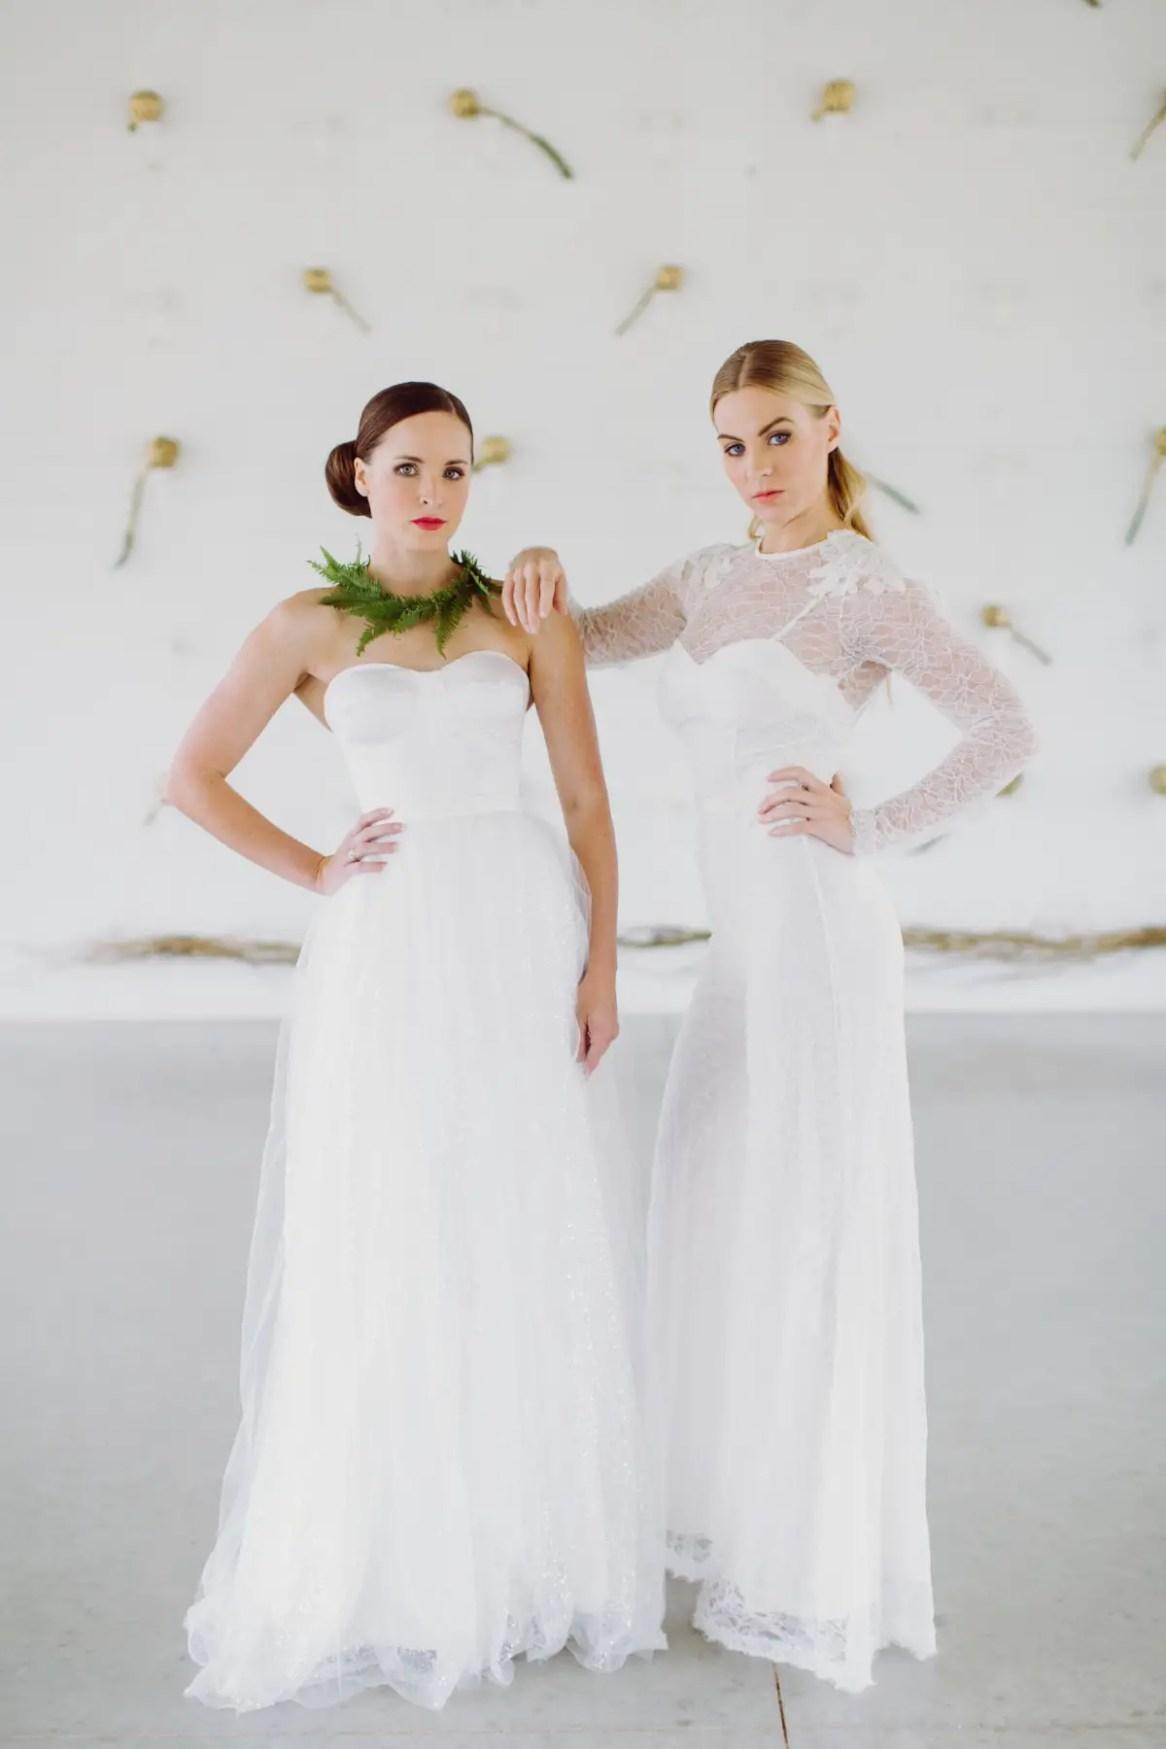 pas-de-deux-bridal-gowns-shoot-austin-002